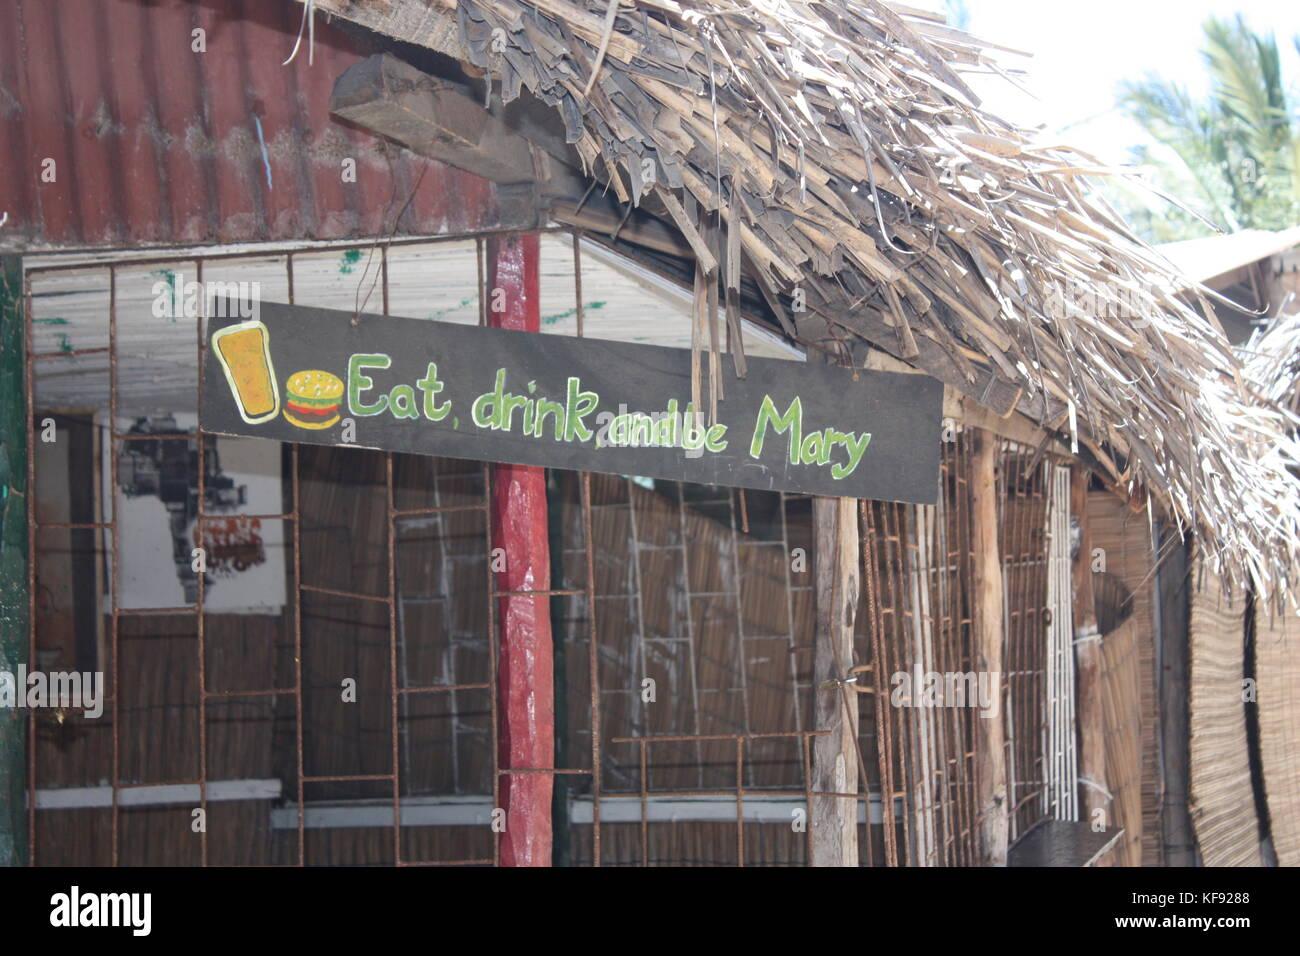 Trinken Essen und Maria. Stockbild